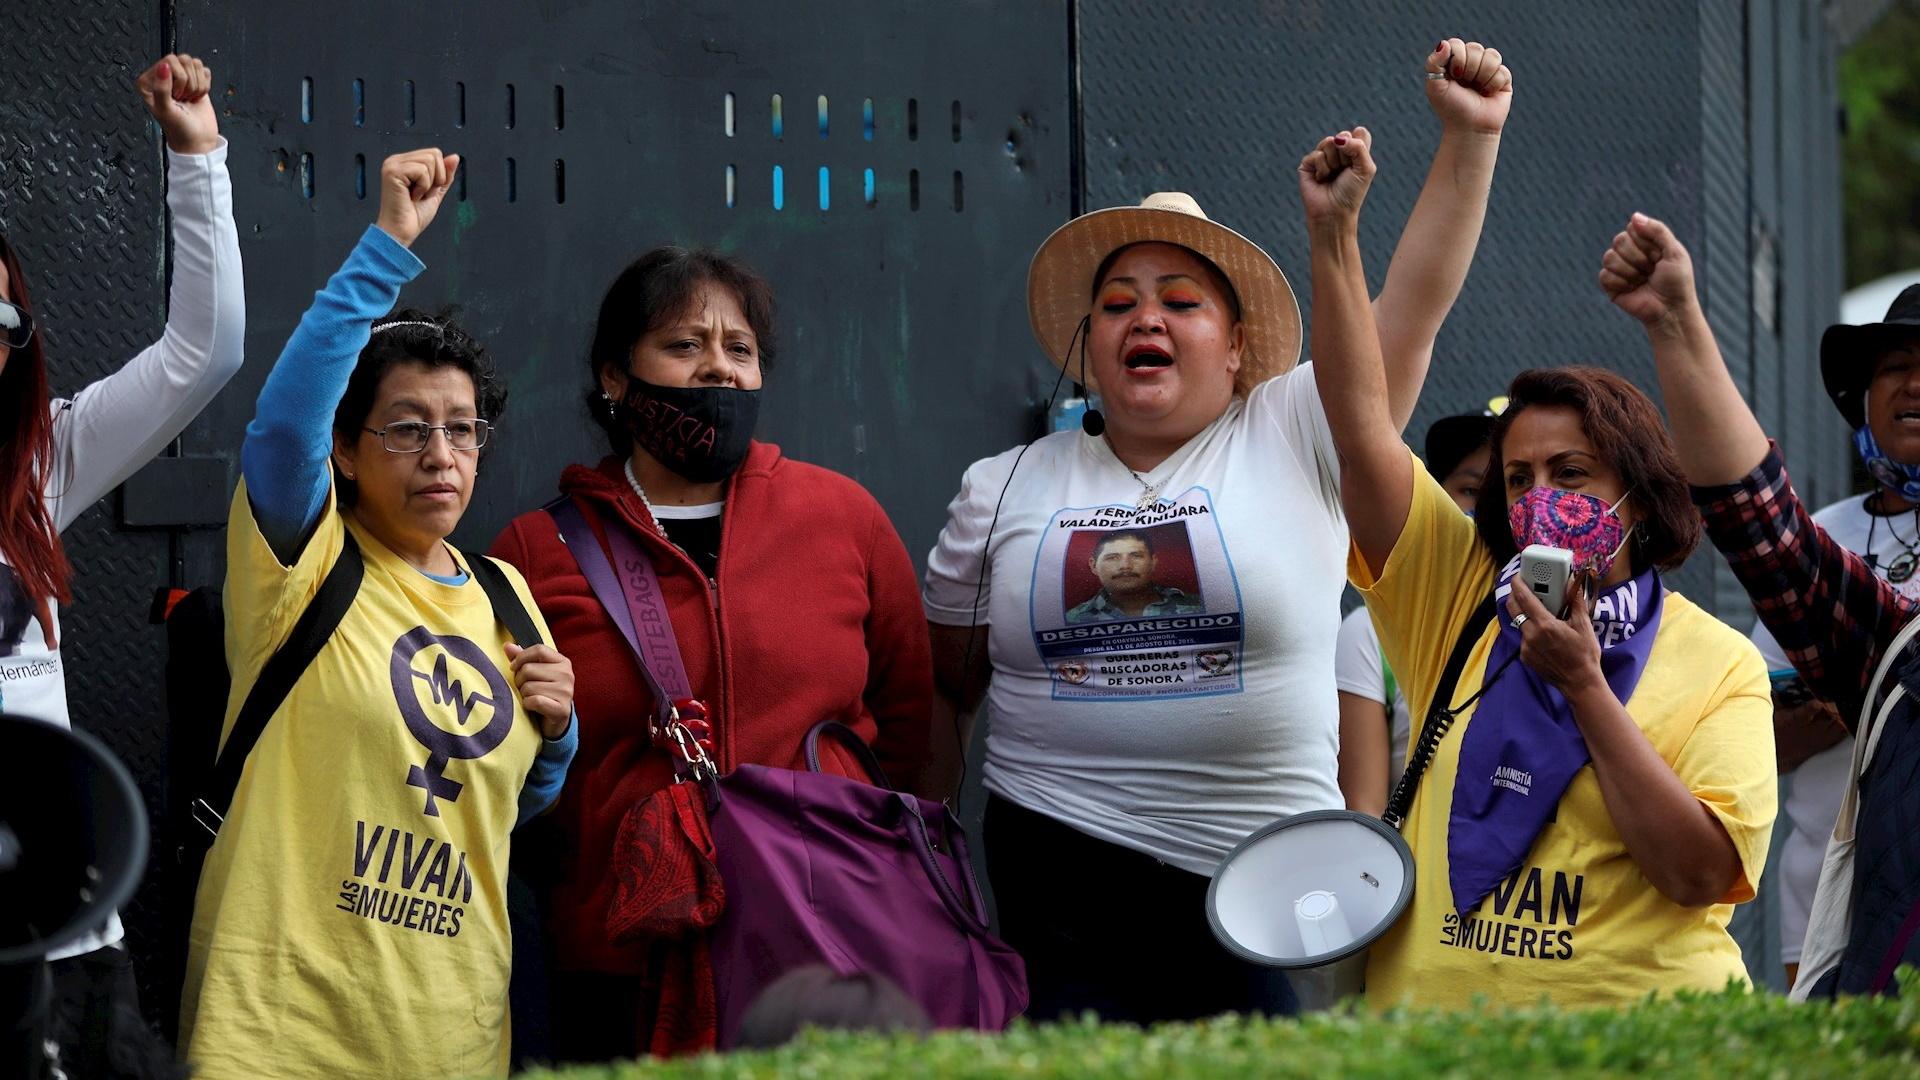 Feministas glorieta de Colón Ciudad de México Reforma